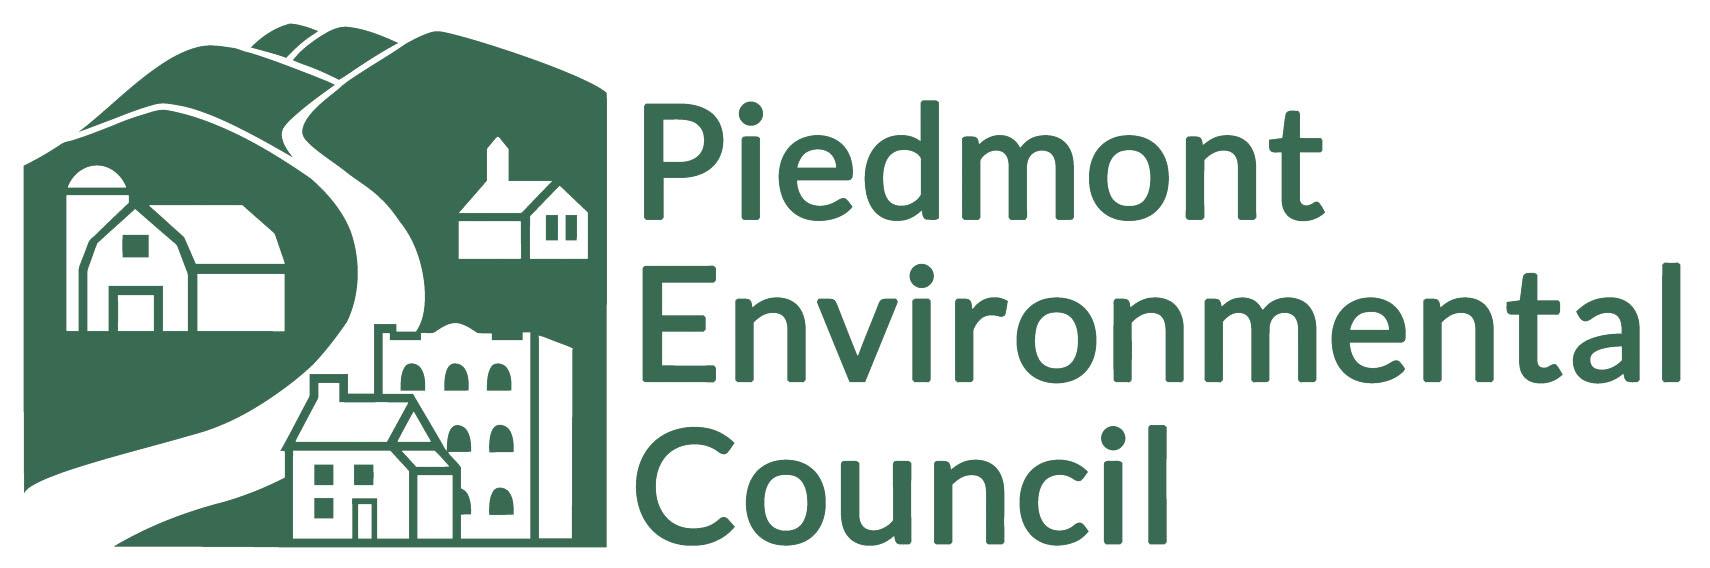 The Piedmont Environmental Council